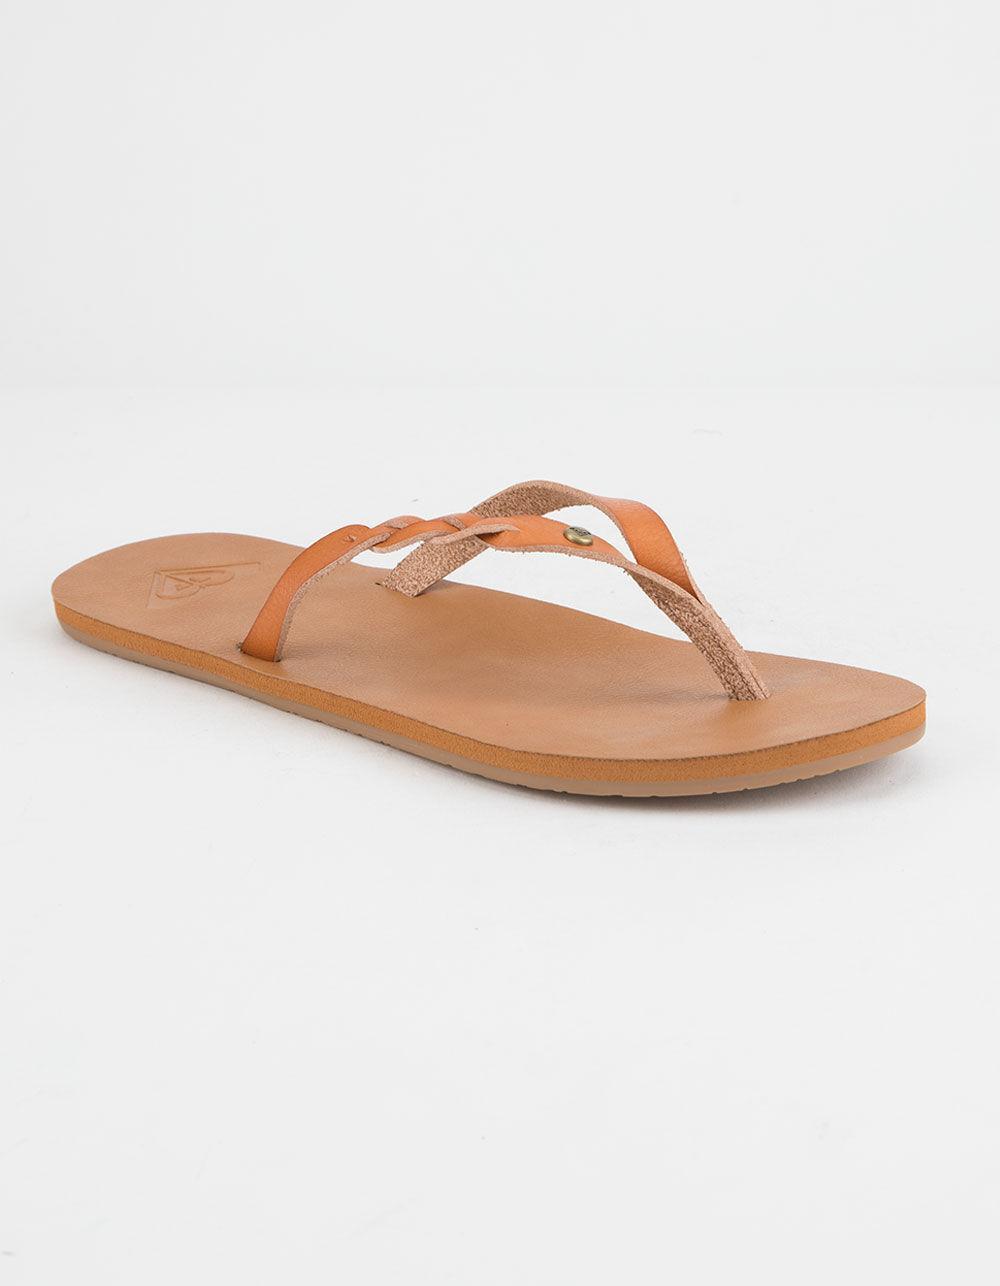 Roxy Liza Flip Flops